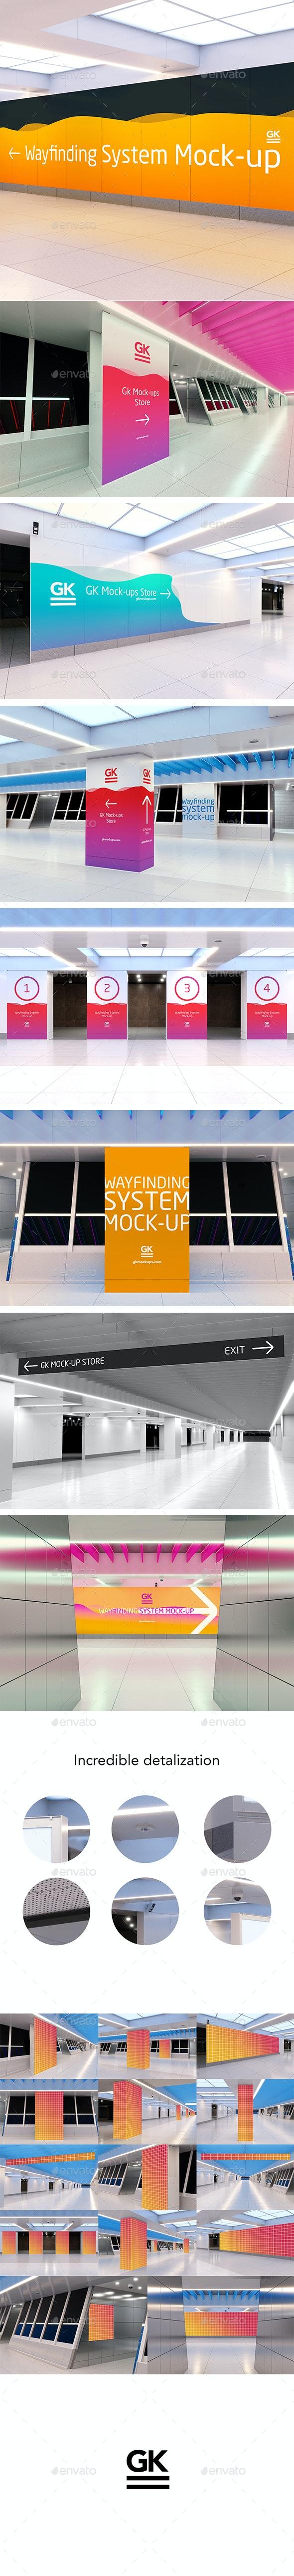 Navigation / Wayfinding Mock-up - Ad Station Series - Signage Print